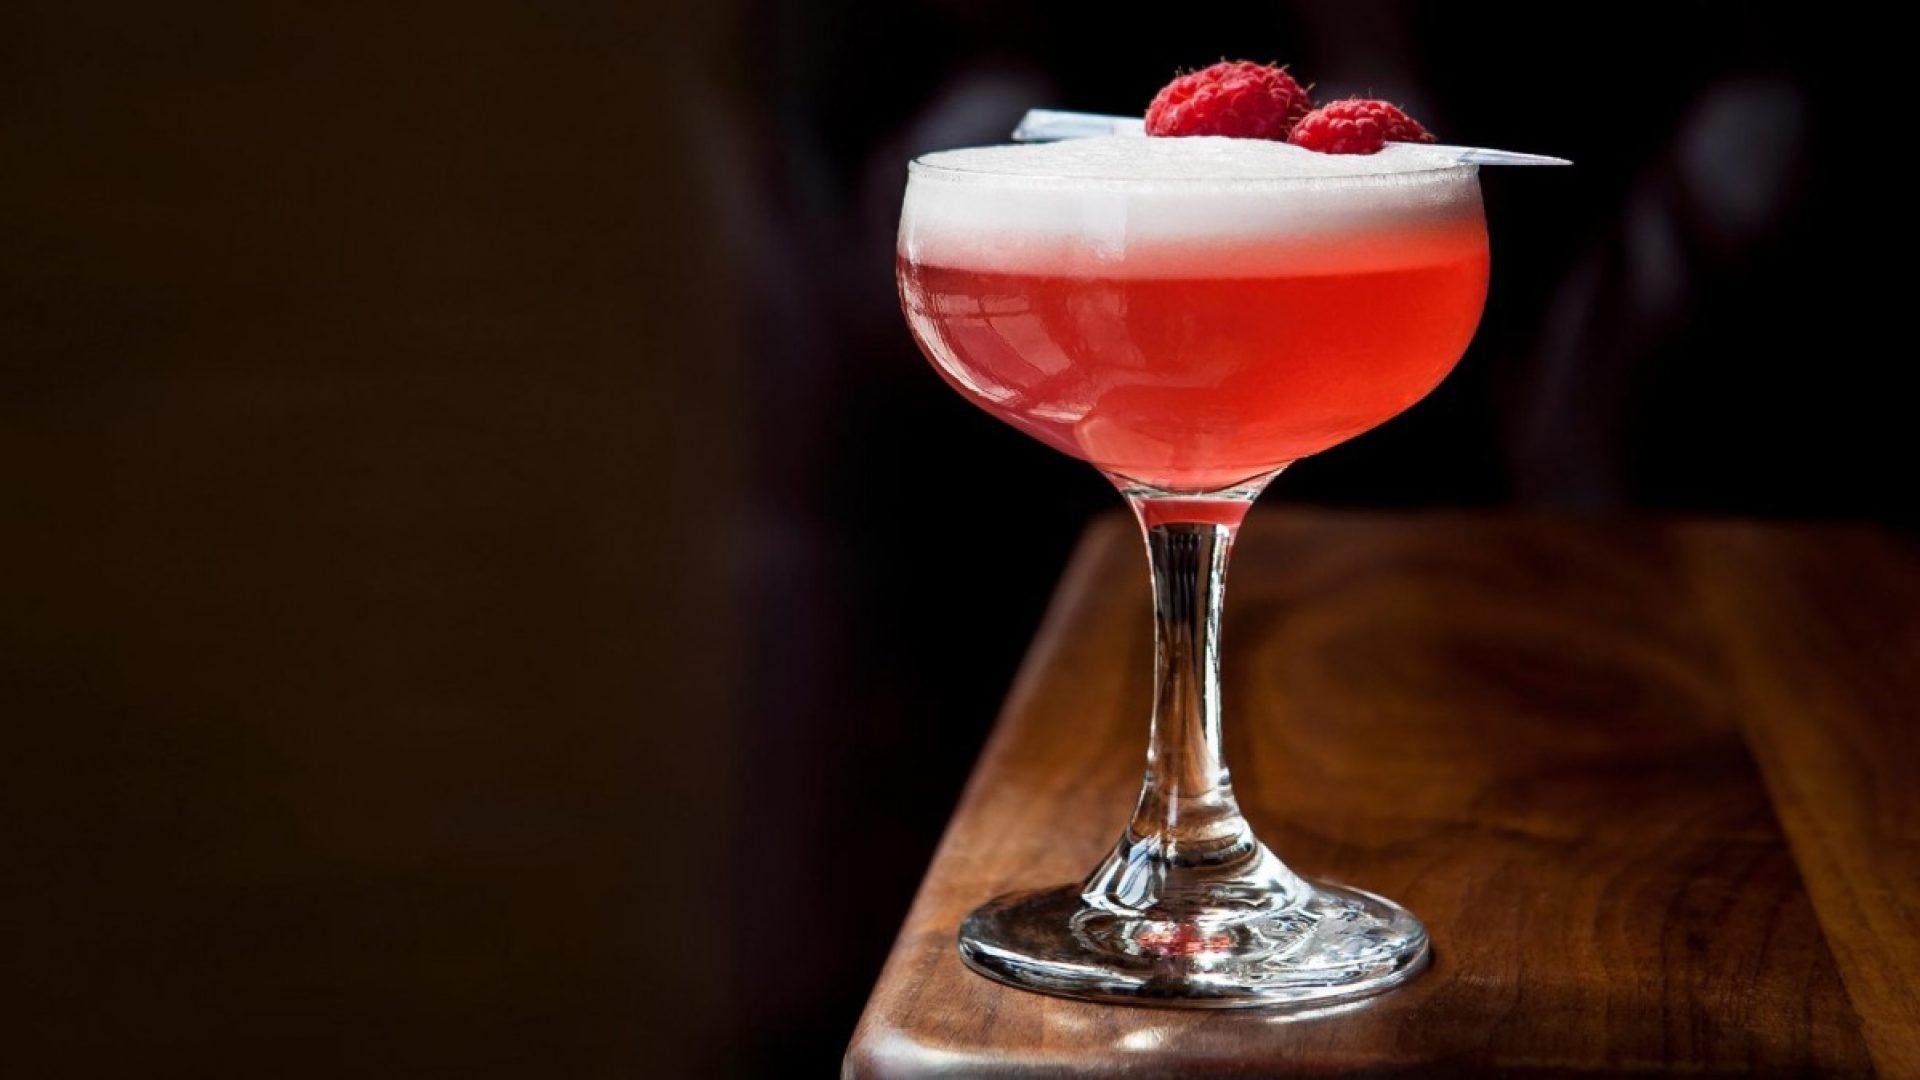 Rød drink toppet med bringebær